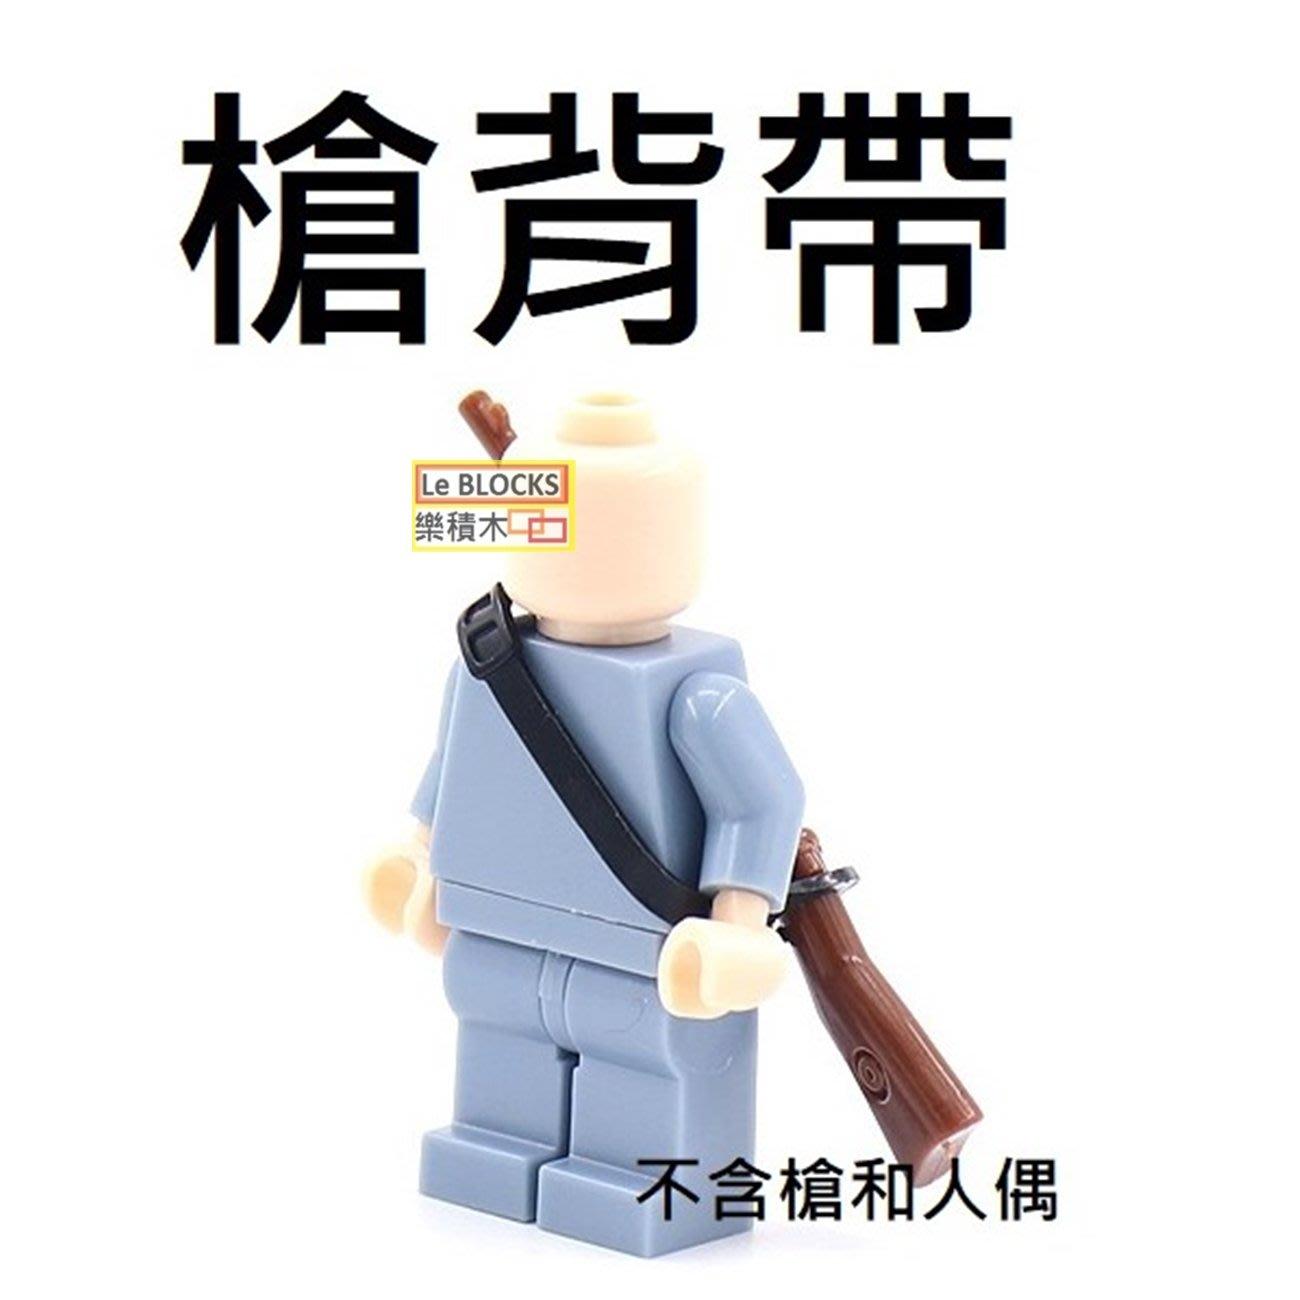 樂積木【當日出貨】第三方 槍背帶 袋裝 白色 非樂高LEGO相容 雙色 武器 二戰 積木 軍事